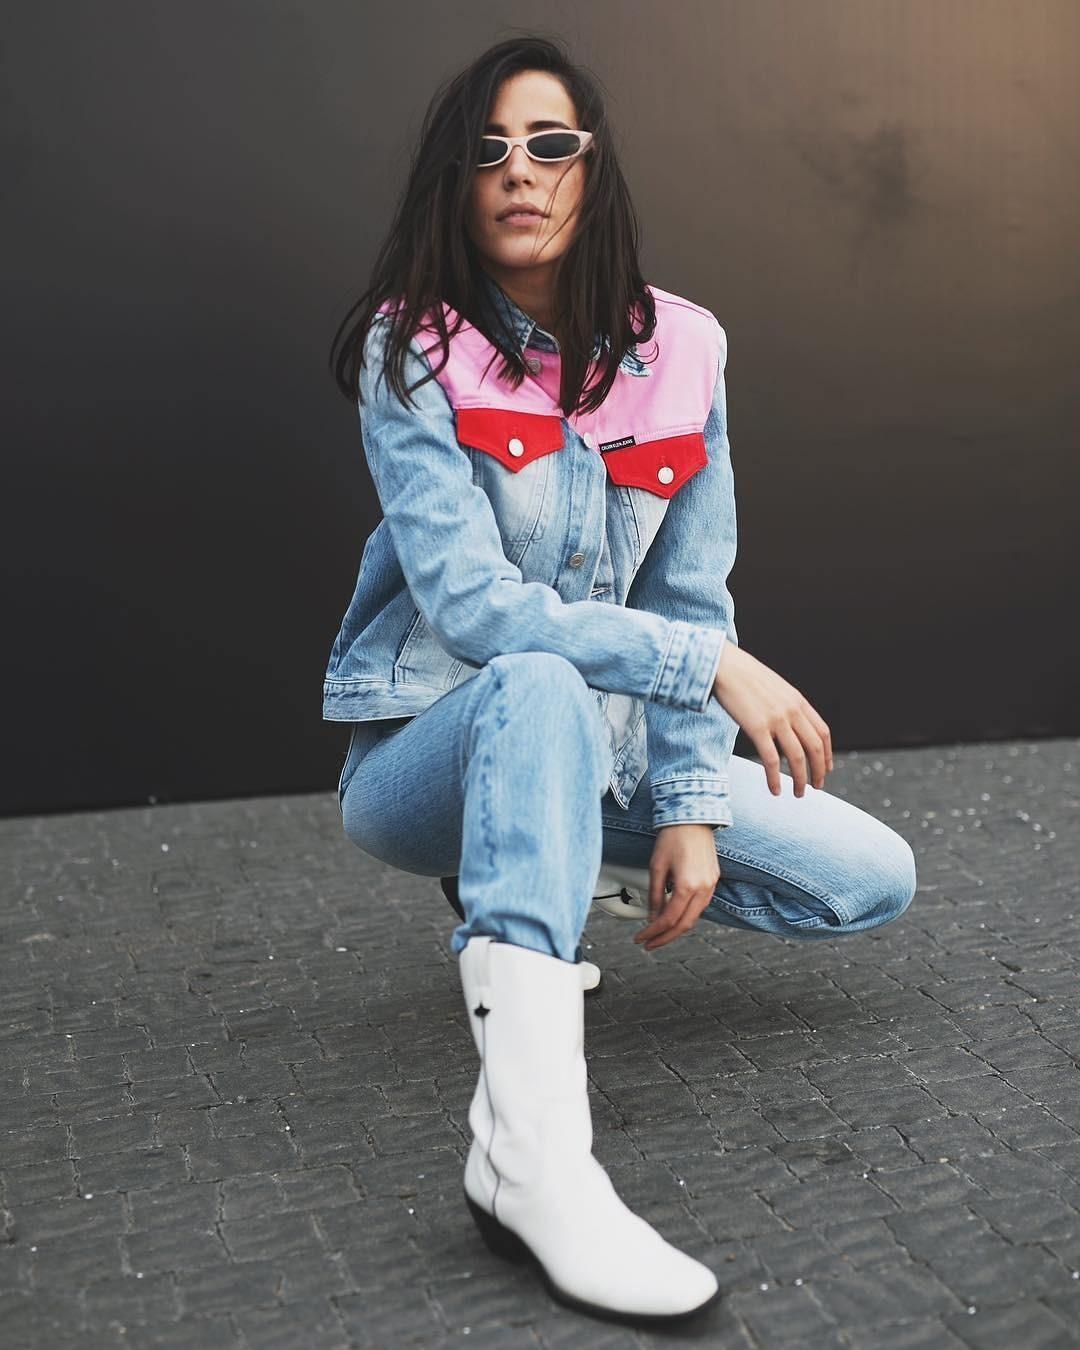 Универсальная вещь: какую джинсовую рубашку выбрать и с чем ее носить